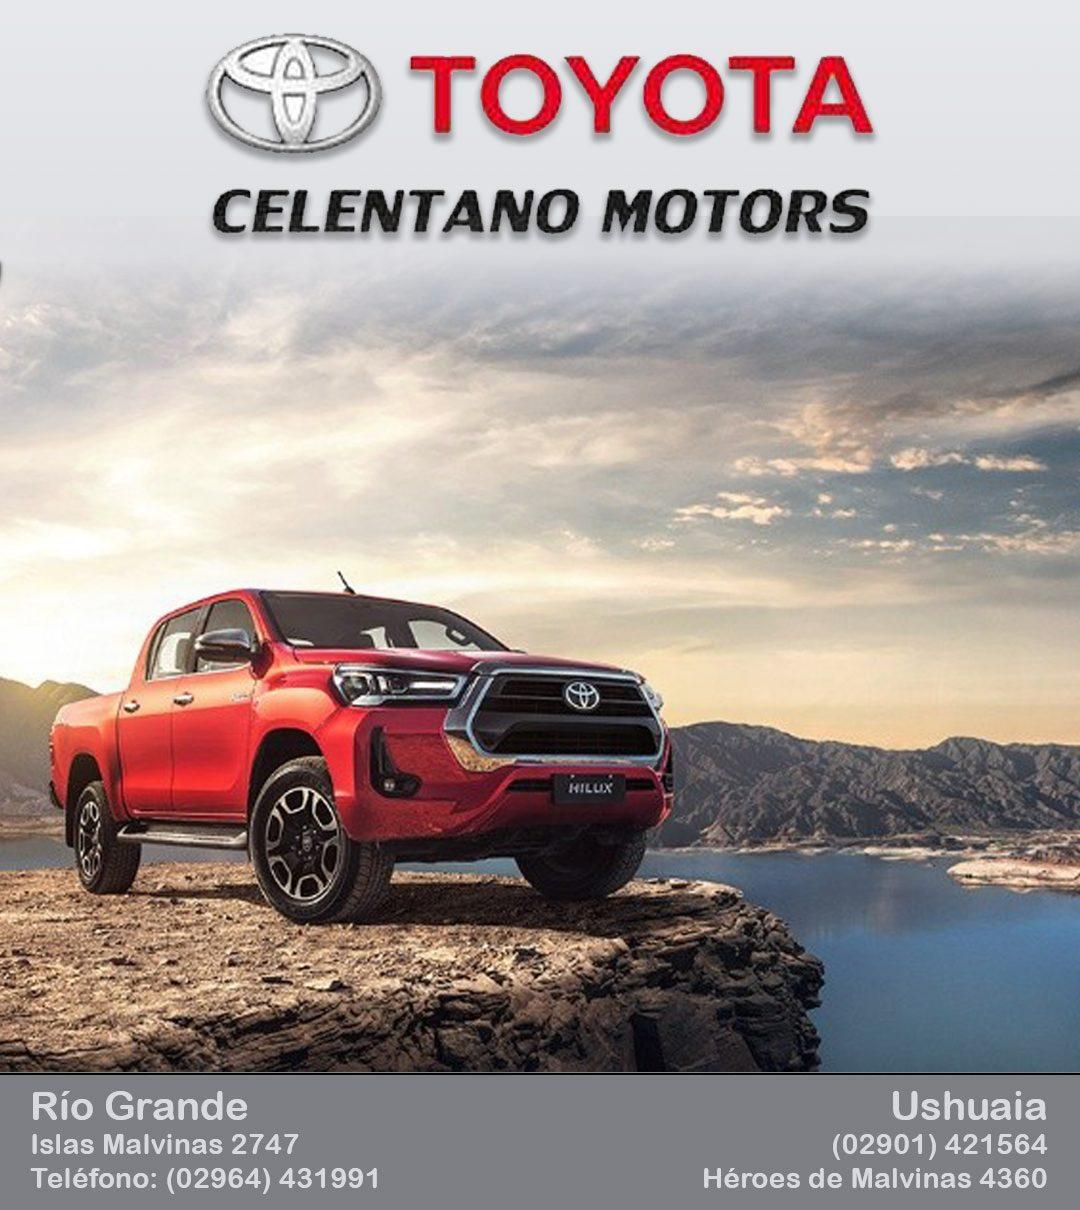 Celentano Motors (aviso)